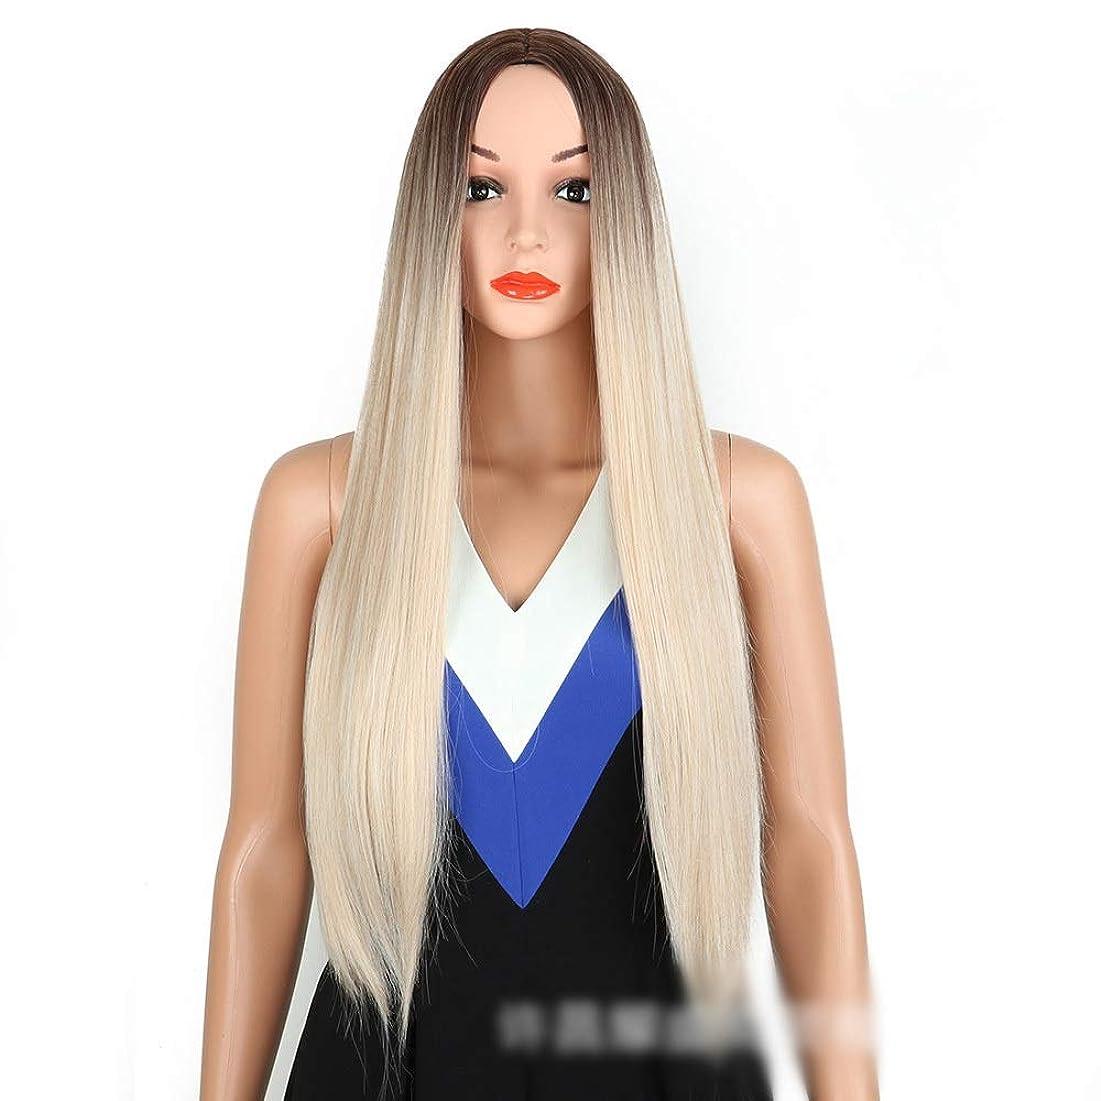 正統派助けて農場Yrattary 女性のための長いストレートヘッドを探している女性の金髪ストレートウィッグ耐熱ナチュラルファッションパーティードレスウィッグ (Color : Blonde)